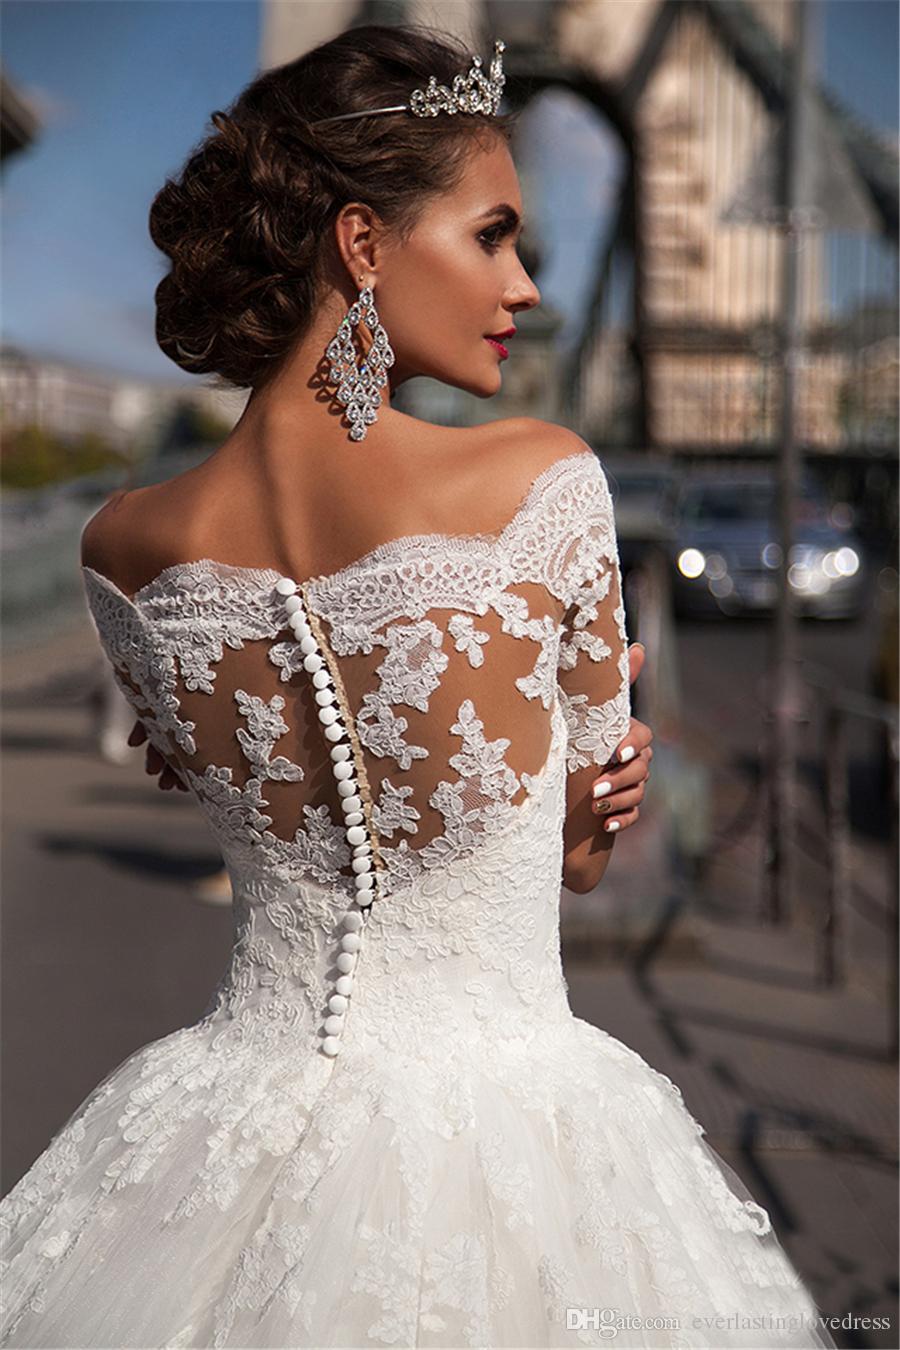 عالية الرقبة قصيرة الأكمام الرباط الأصل زين الكرة أثواب الزفاف اليد اللباس التعادل زر العودة فستان الزفاف vestidos noivas الفقرة